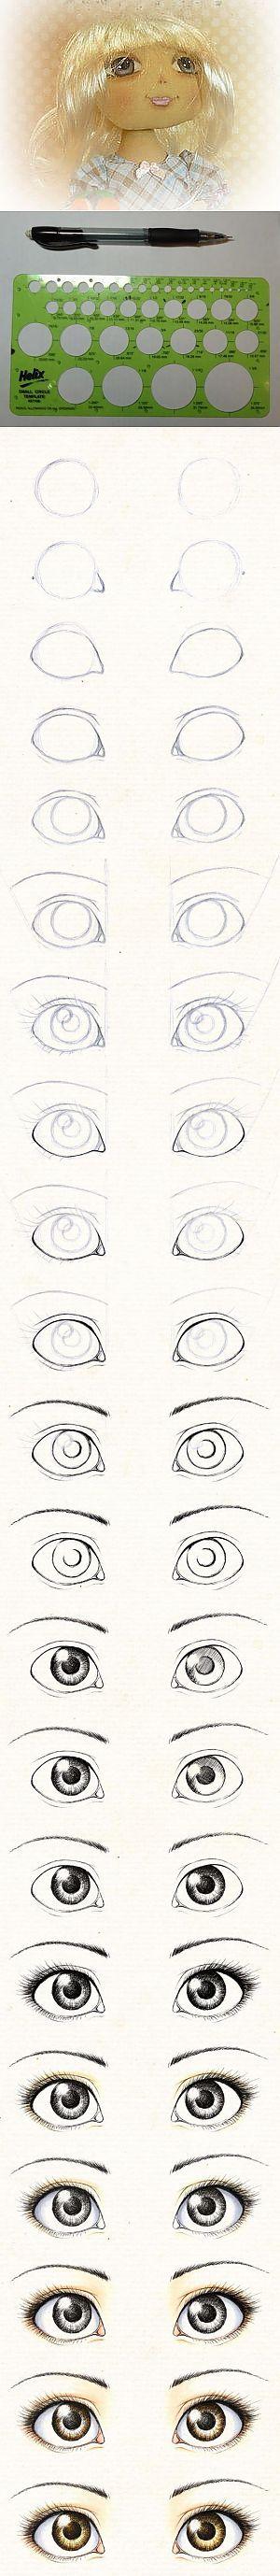 Рисуем глаза текстильной кукле. Шаг за шагом...